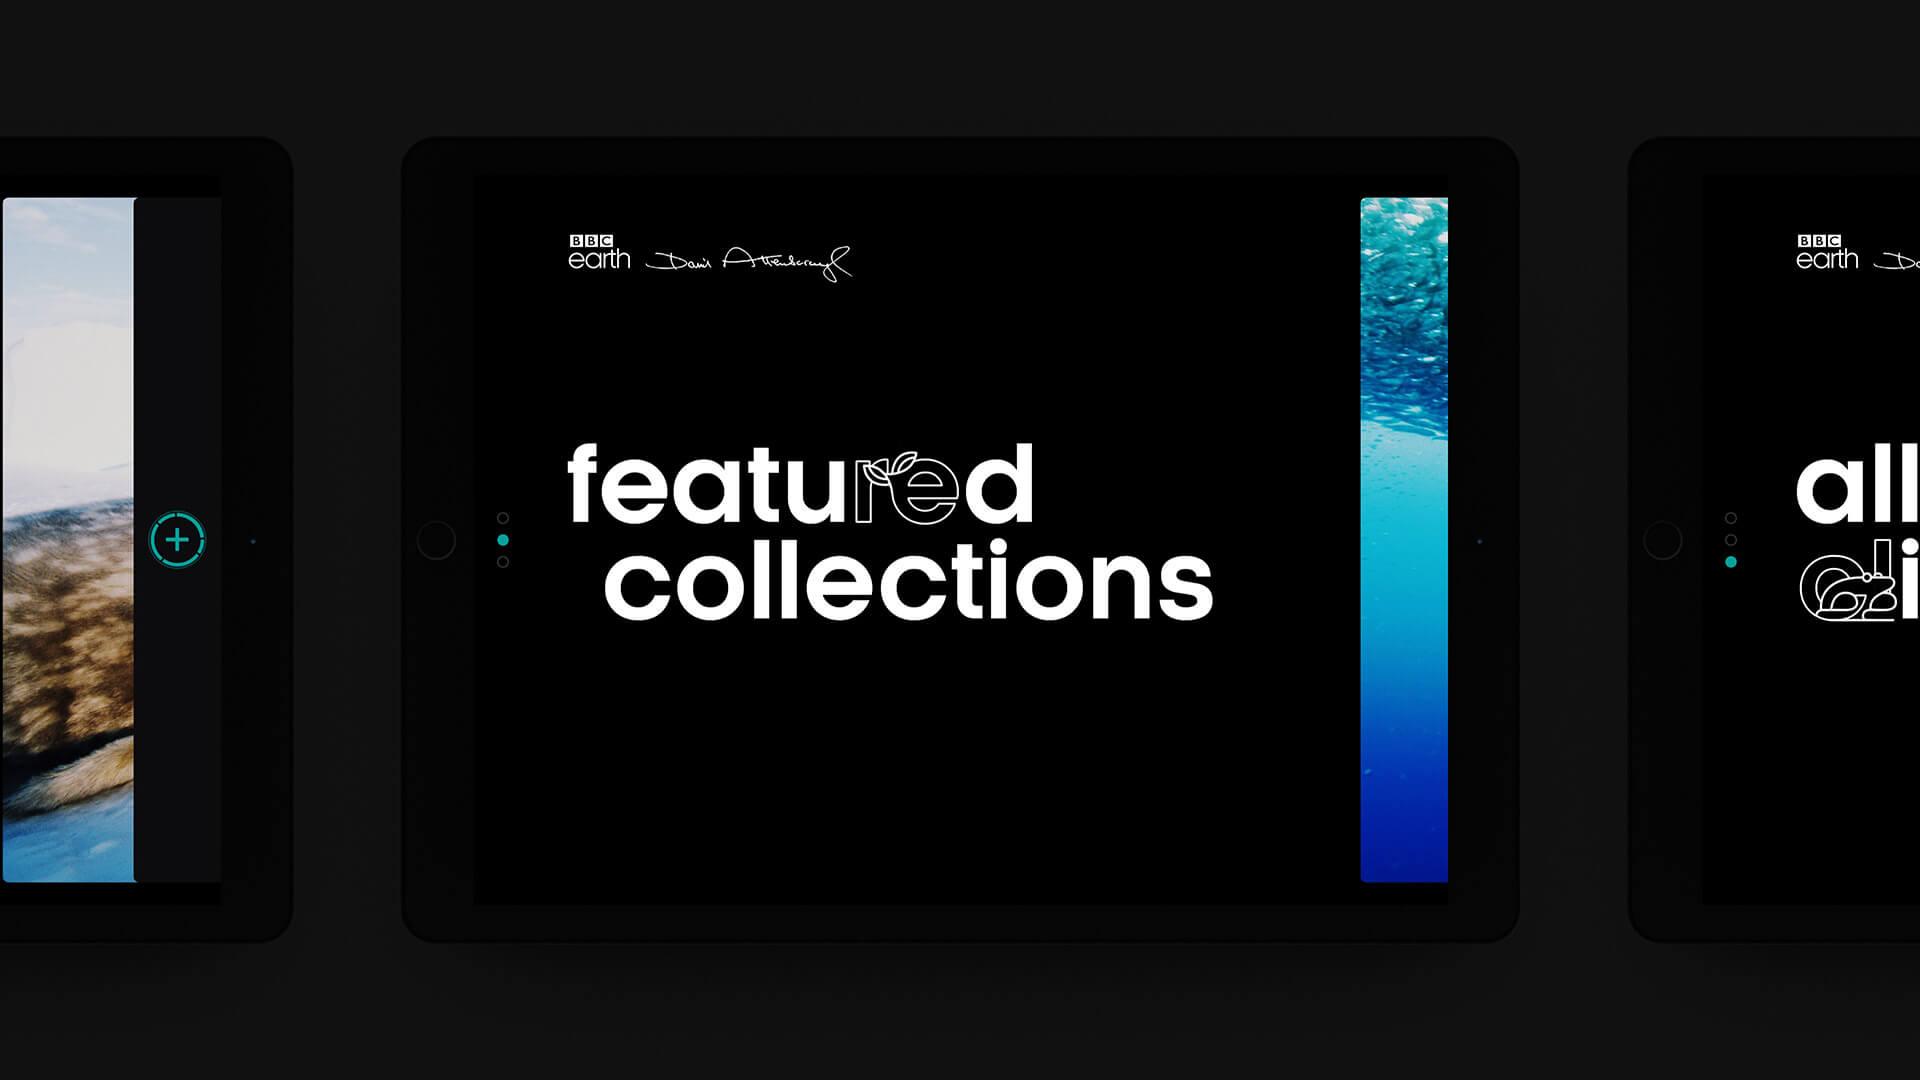 Project_BBC_design_anapais_012_small